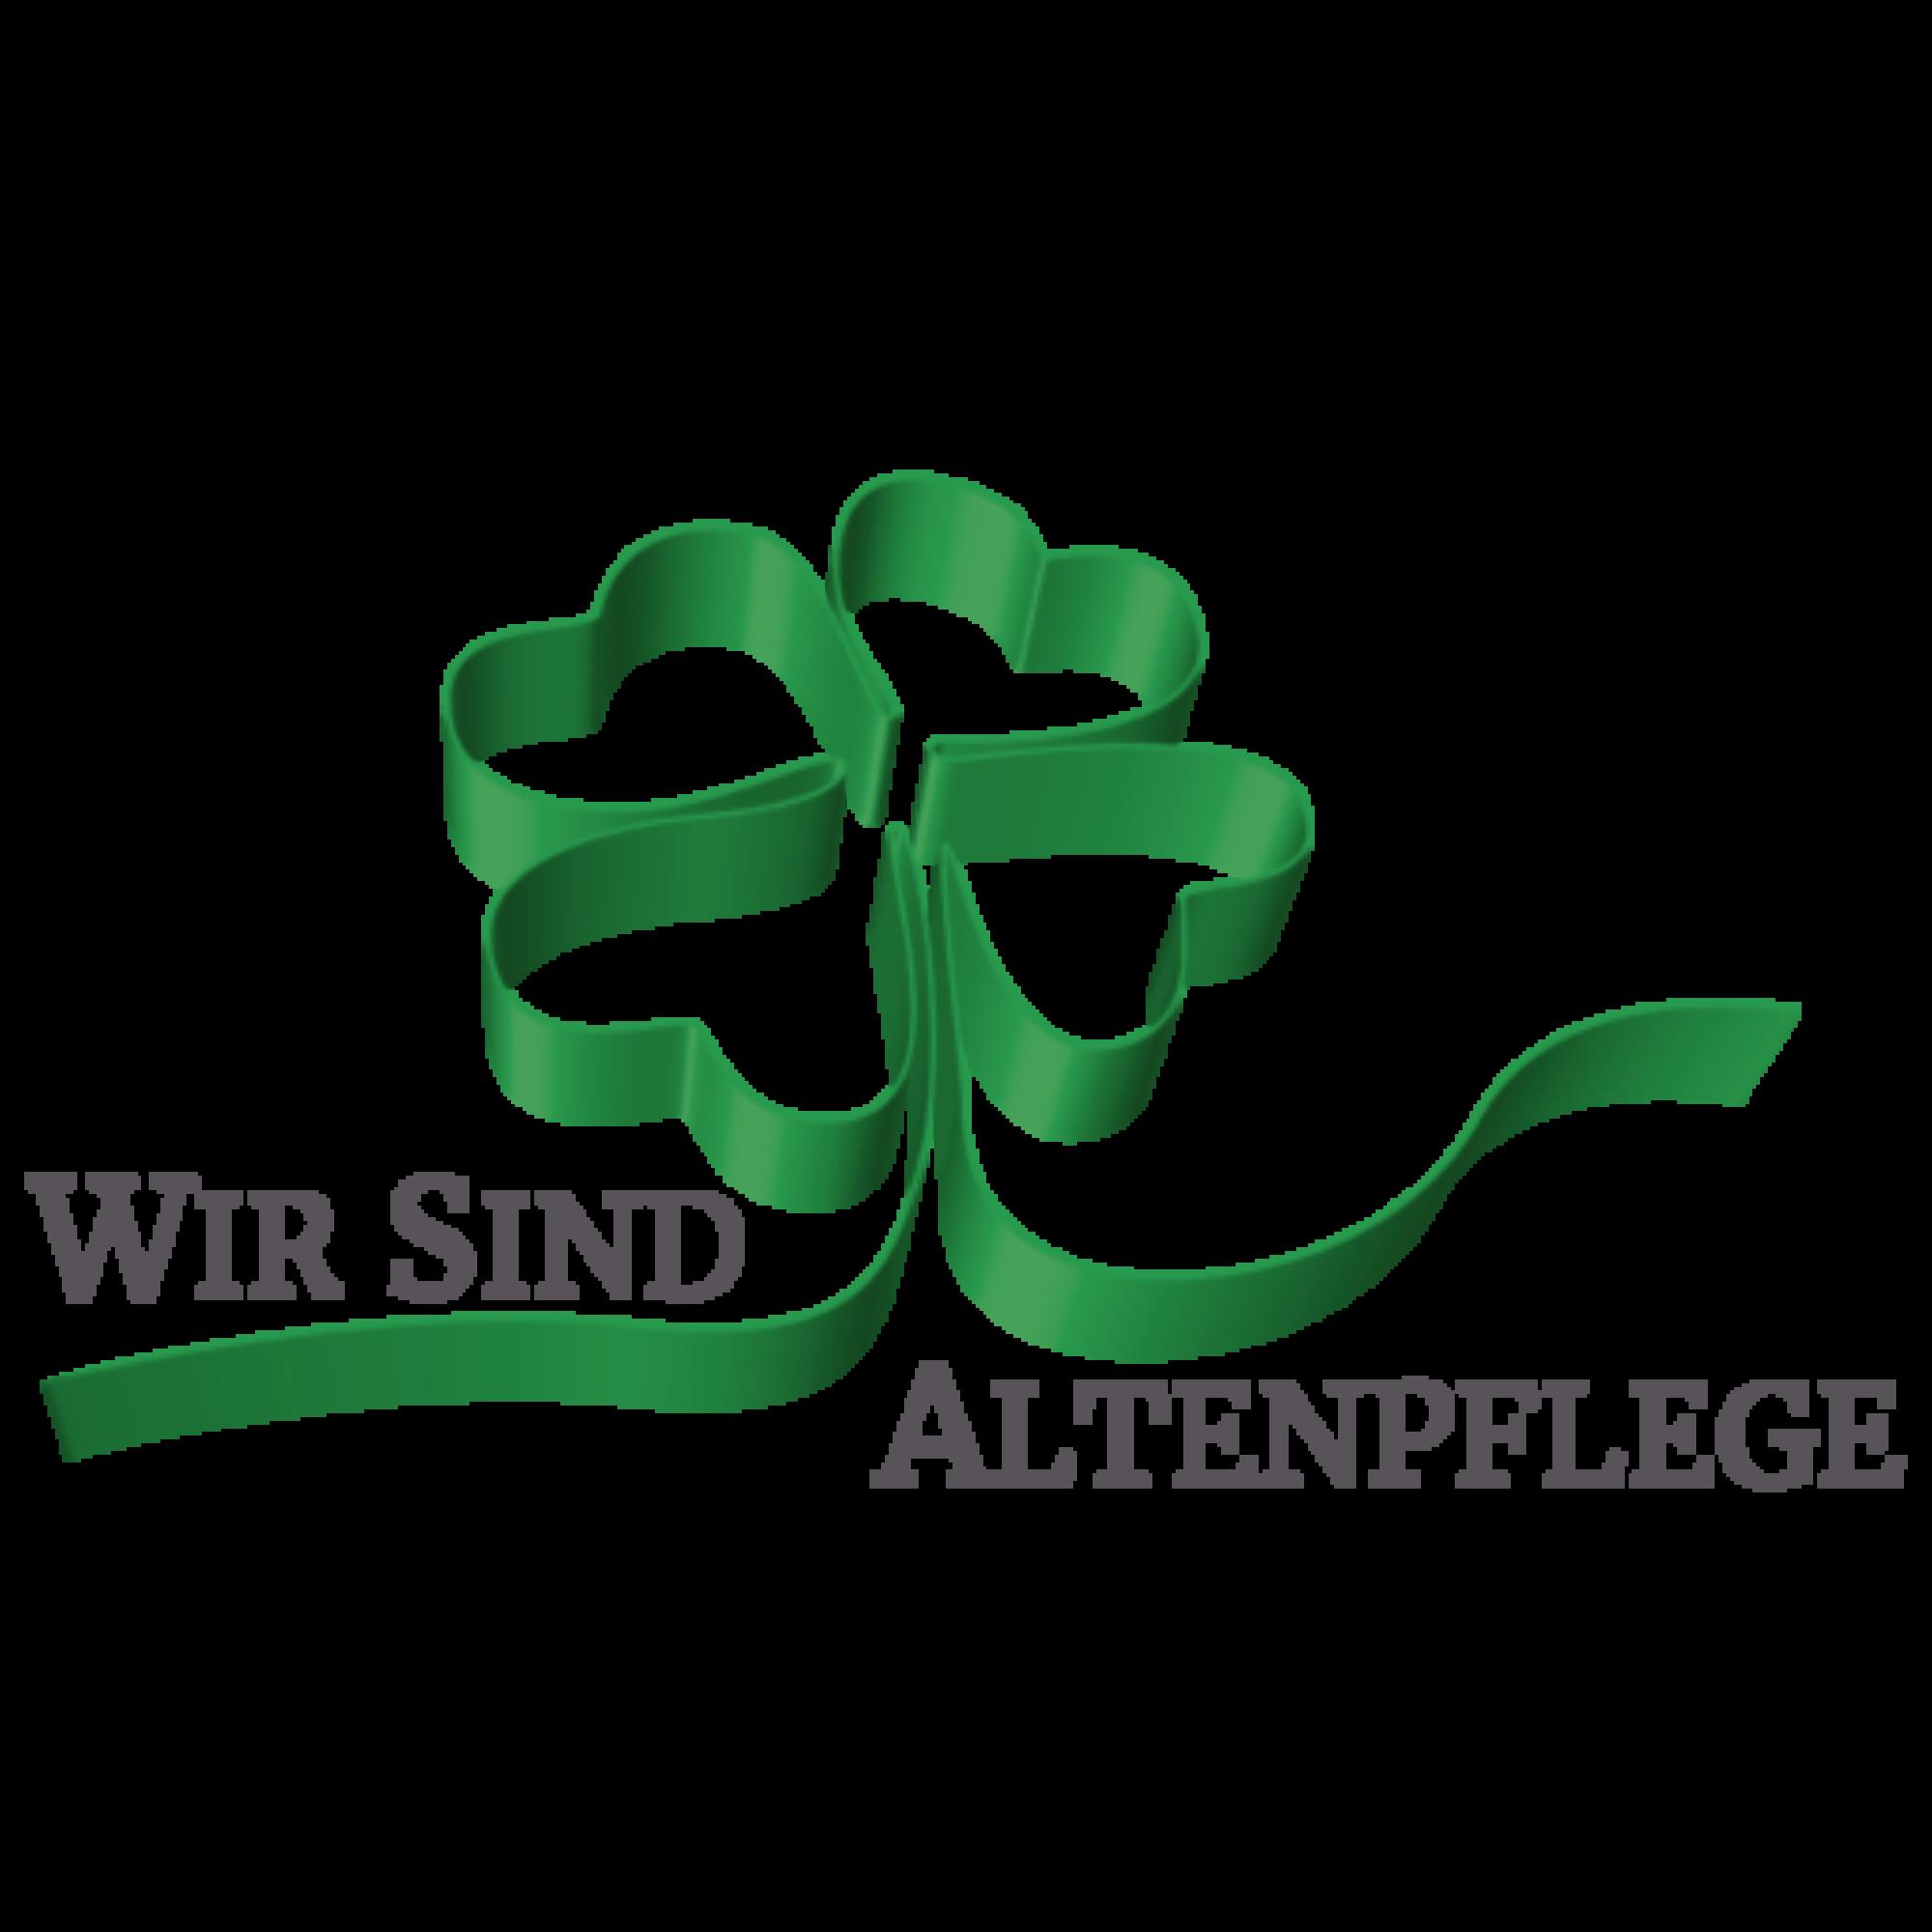 logo-wir-sind-altenpflege-quadratisch-01.png